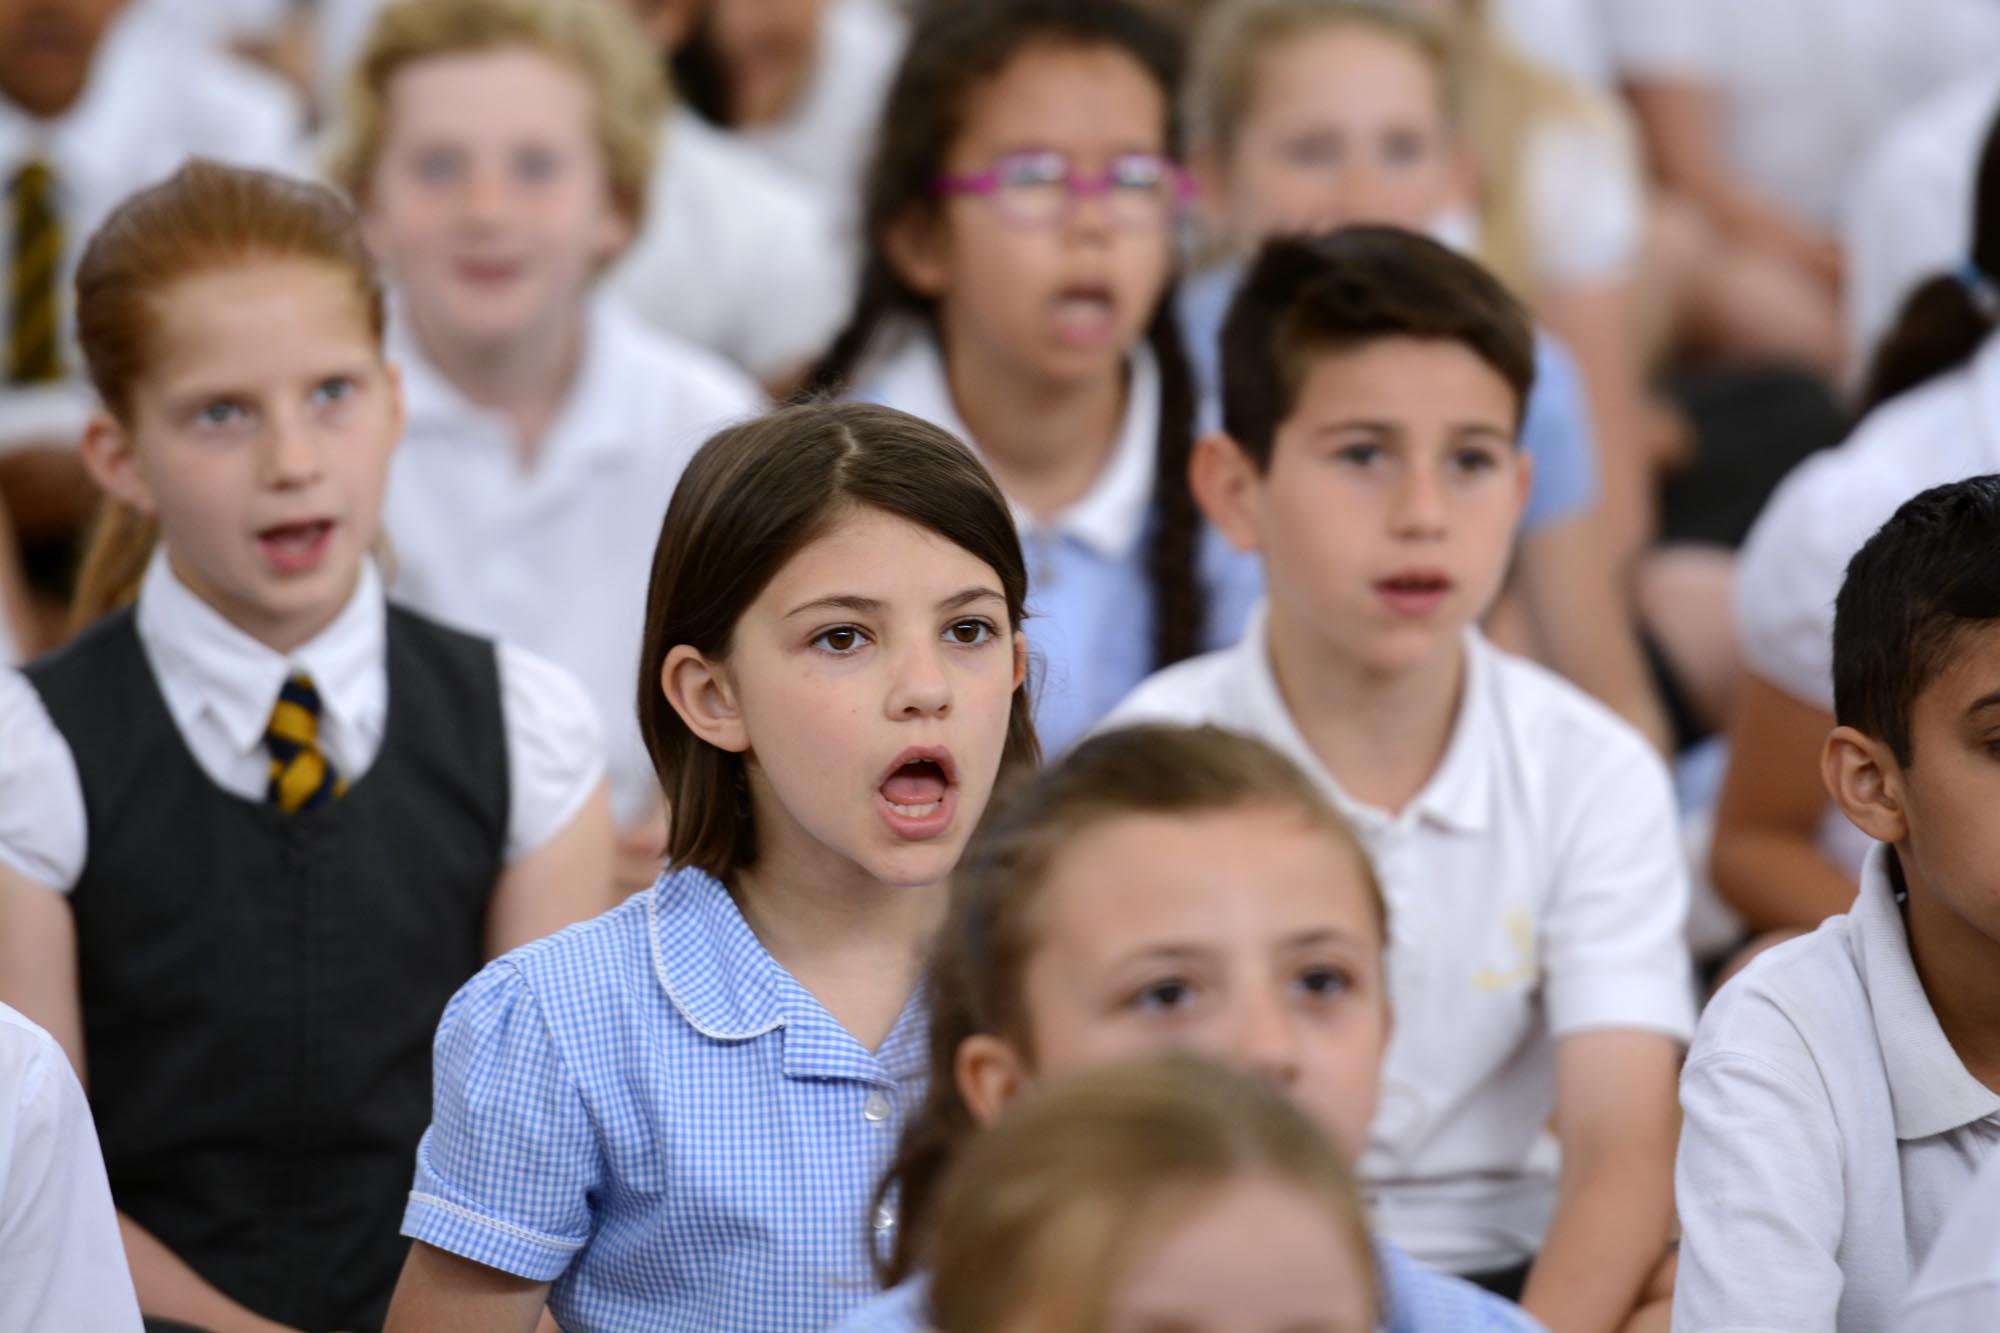 Girl in choir singing